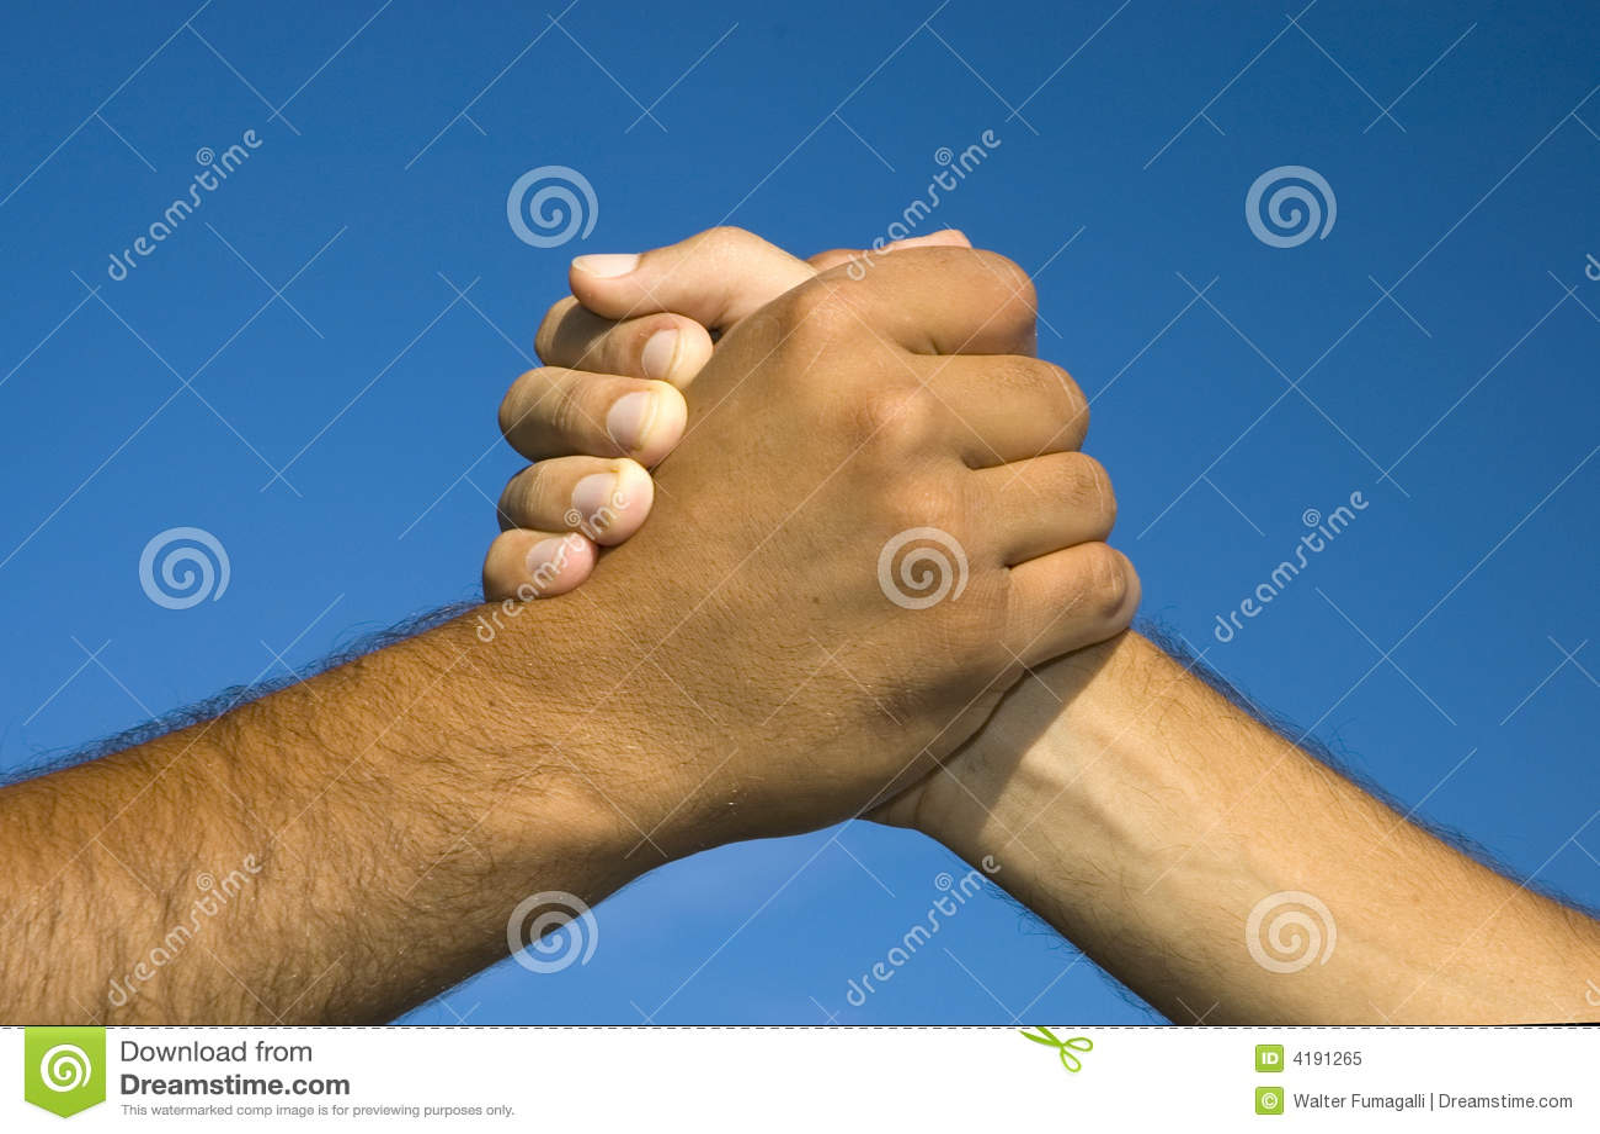 Relativ Symbole de l'amitié image stock. Image du handshake, charité - 4191265 UB71